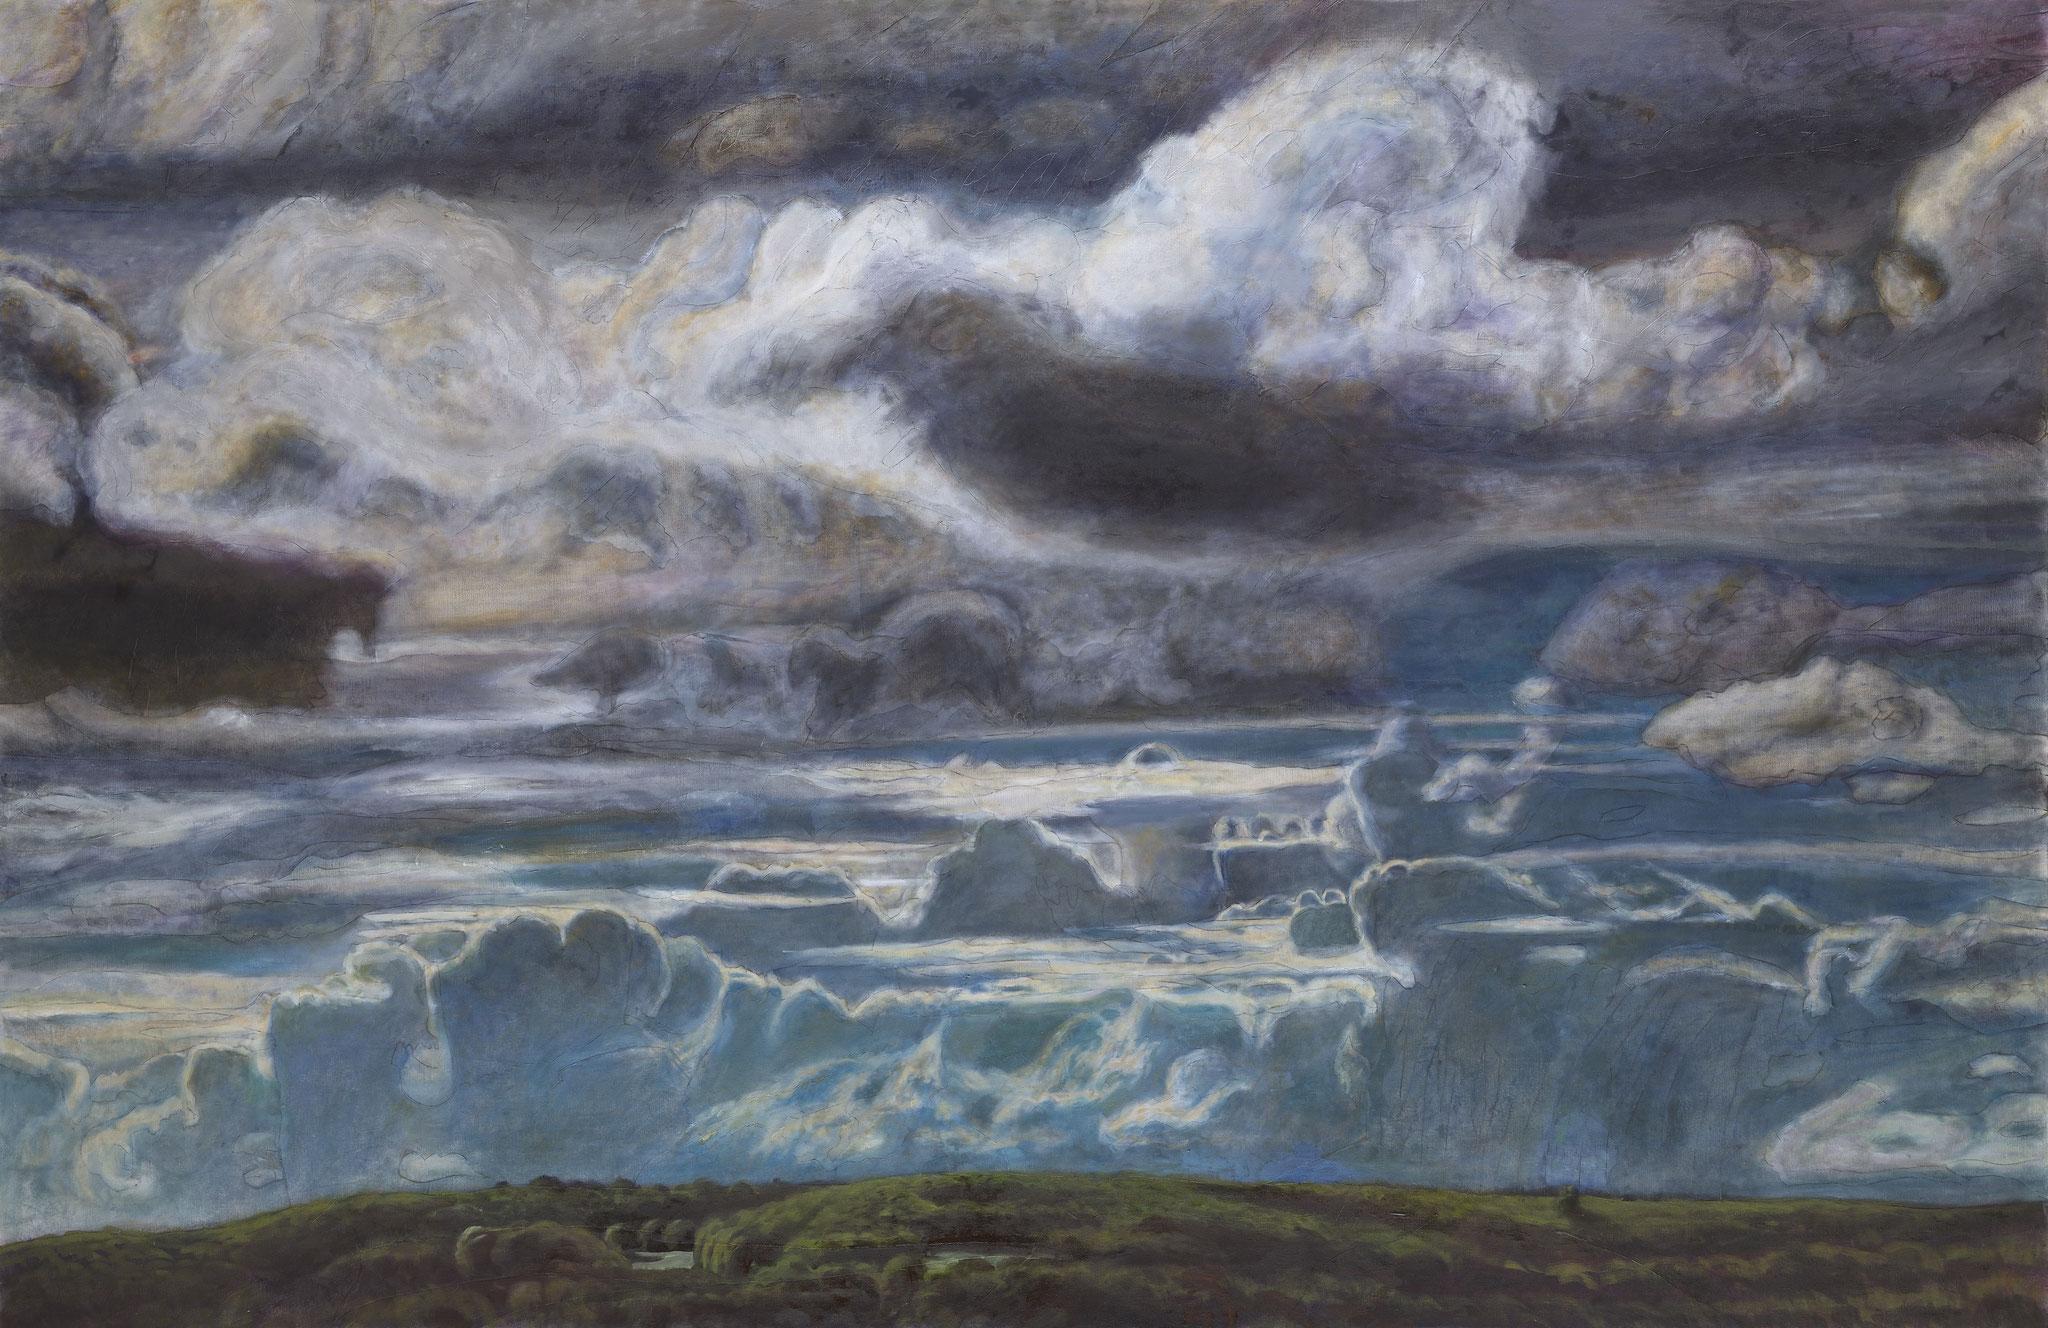 2013. Ciel. 200 x 306 cm. Peinture à l'huile sur toile.